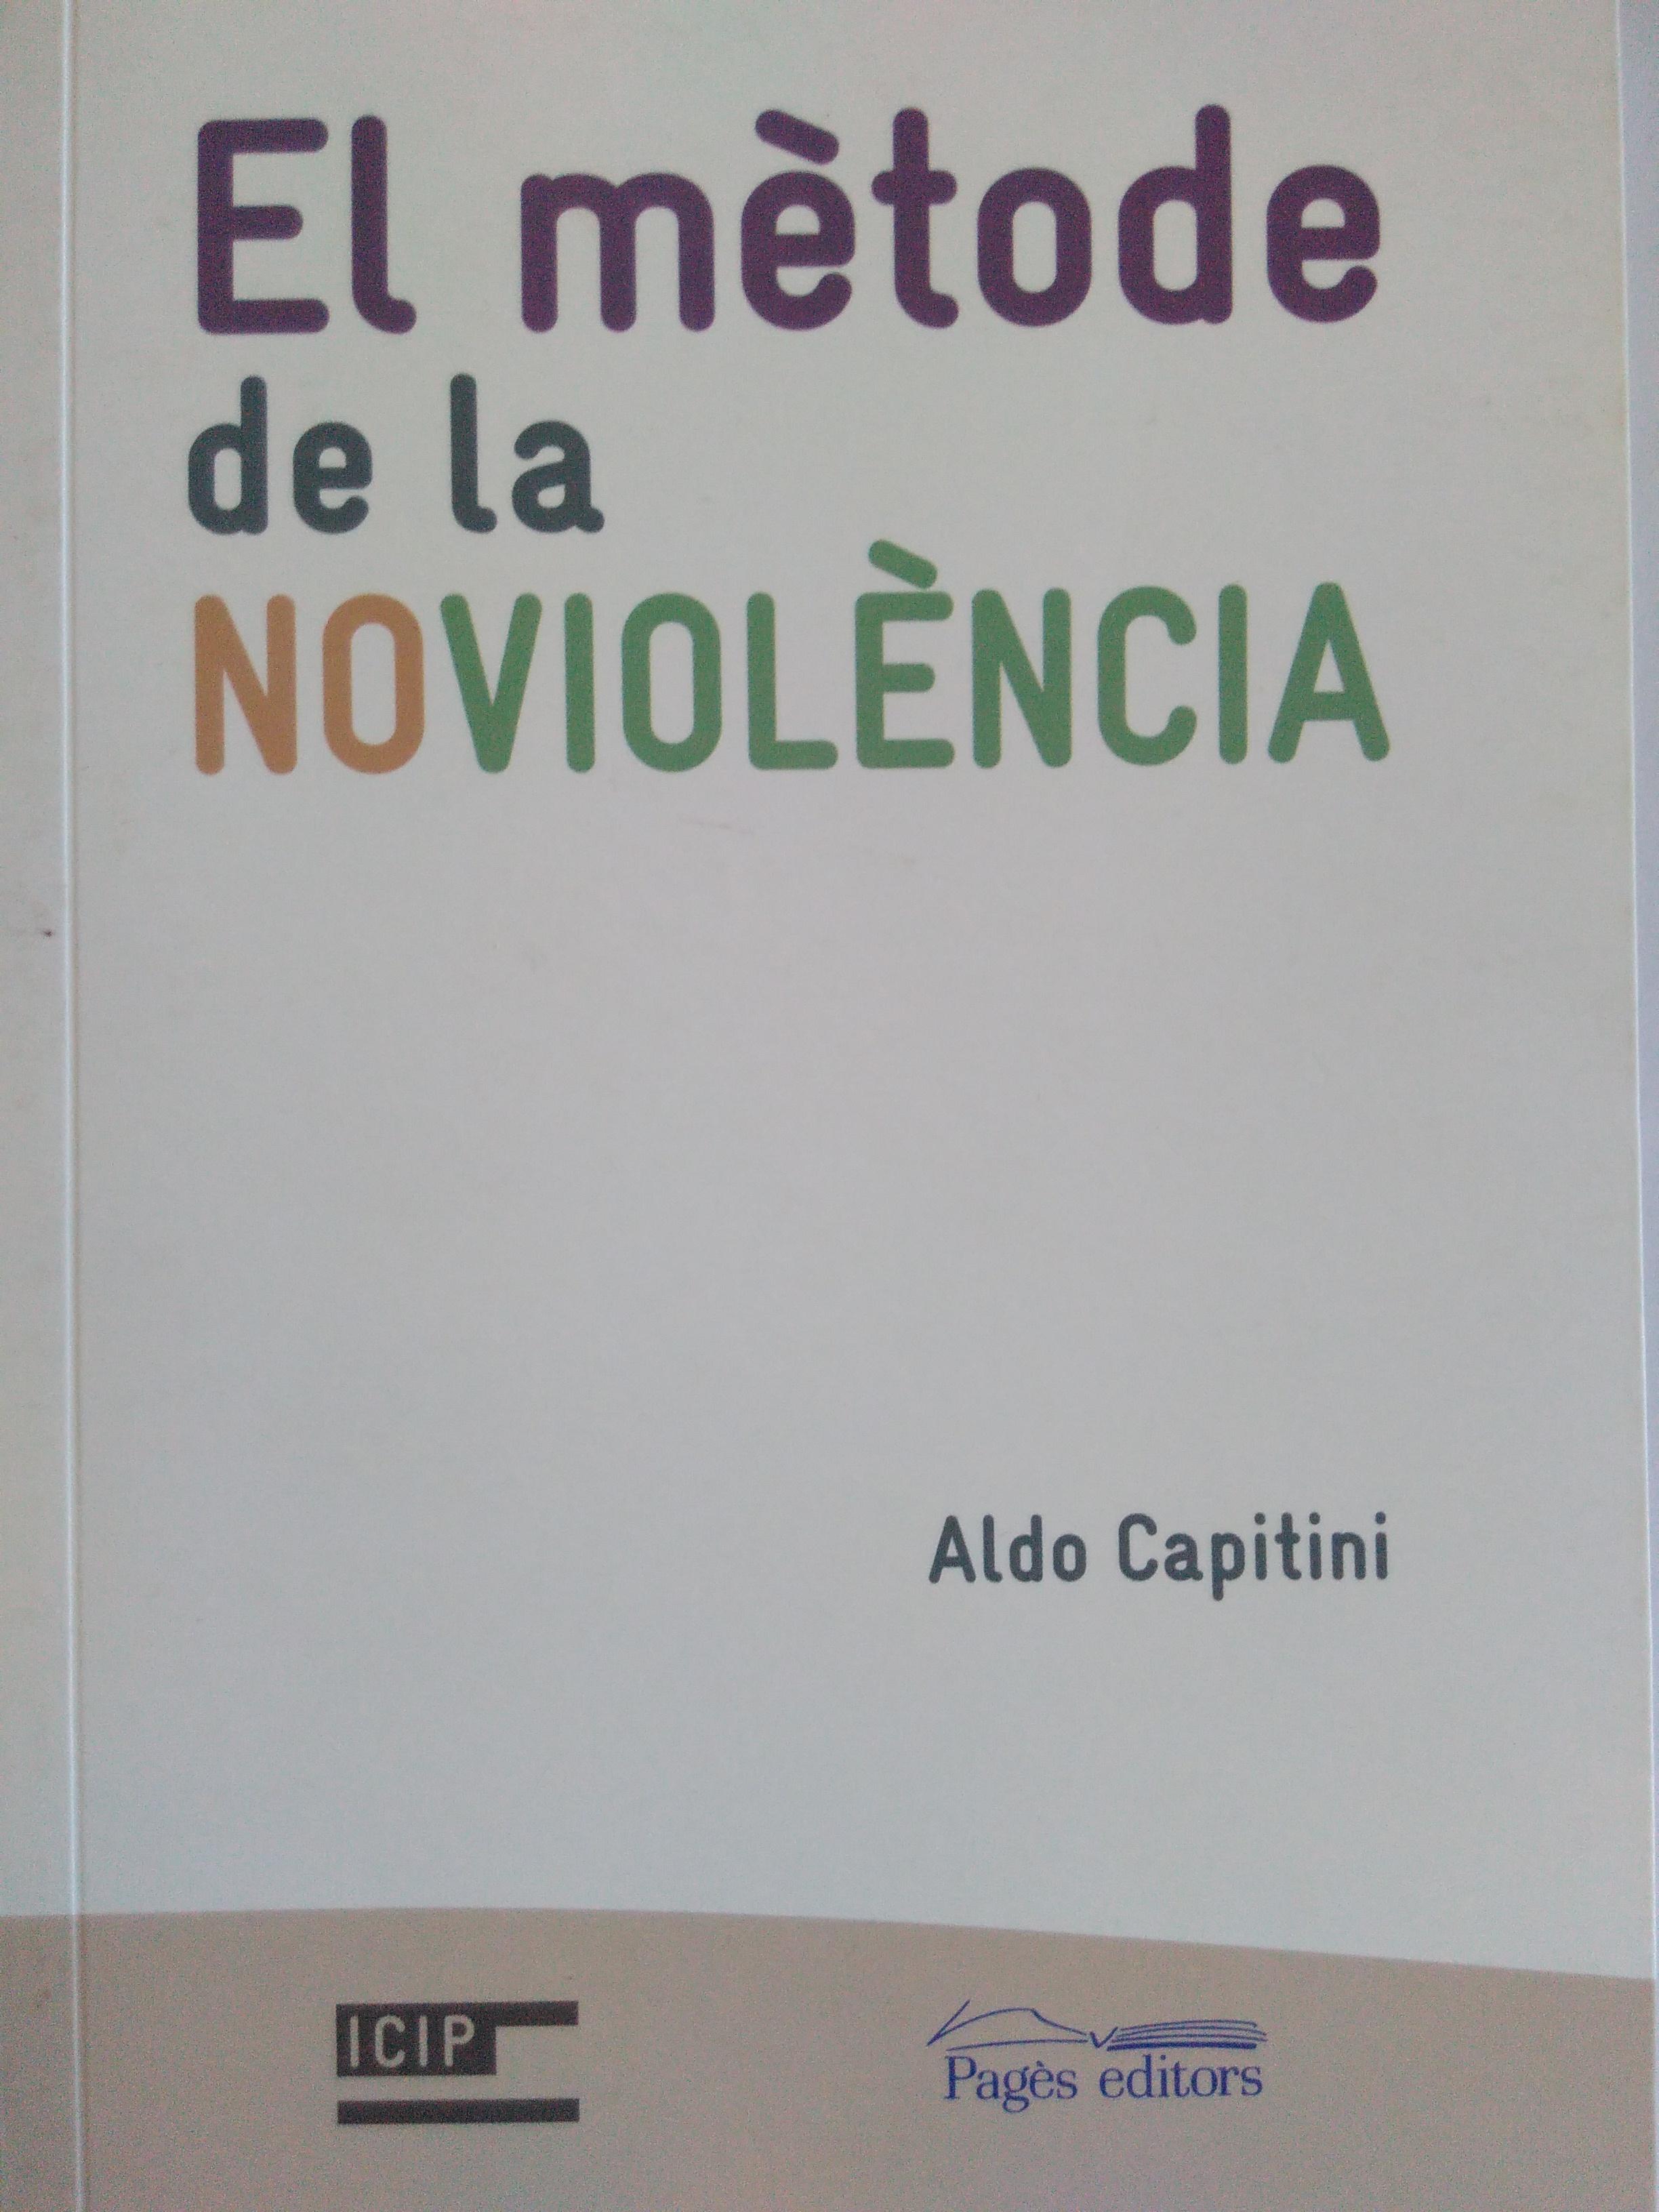 El mètode de la noviolència. Aldo Capitini. 2010